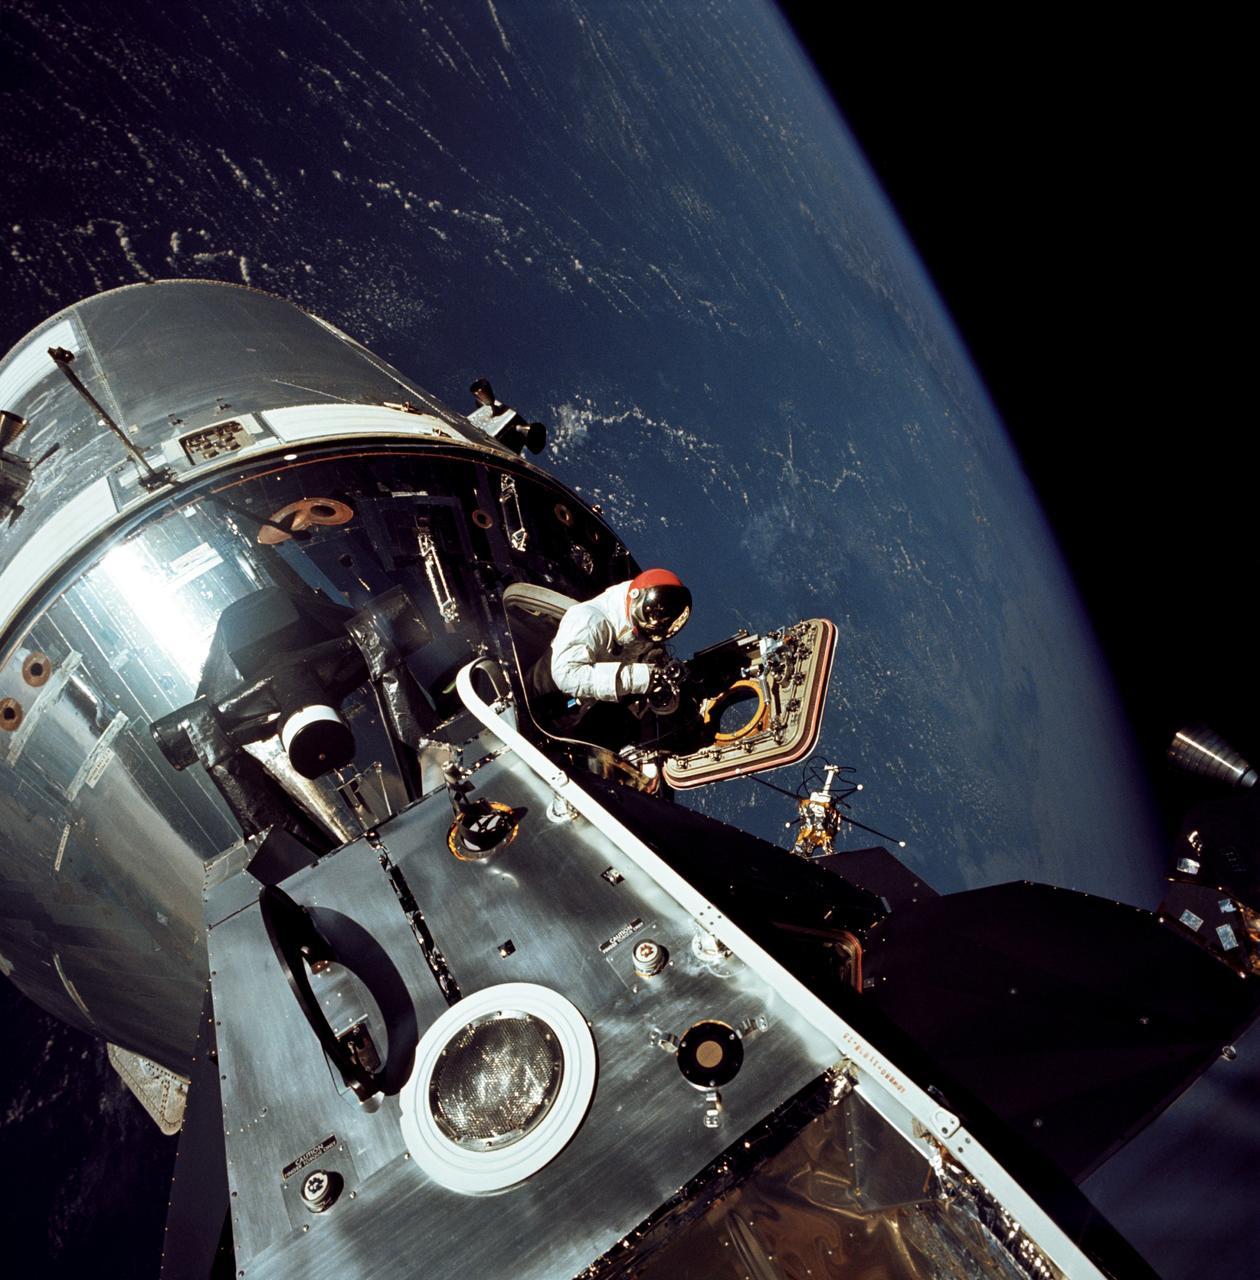 اتّصال آزمایشی CSM و LM - آپولو 9 - مدار زمین | فضانورد David R. Scott رو در حال راهپیمایی فضایی میتونید ببینید.